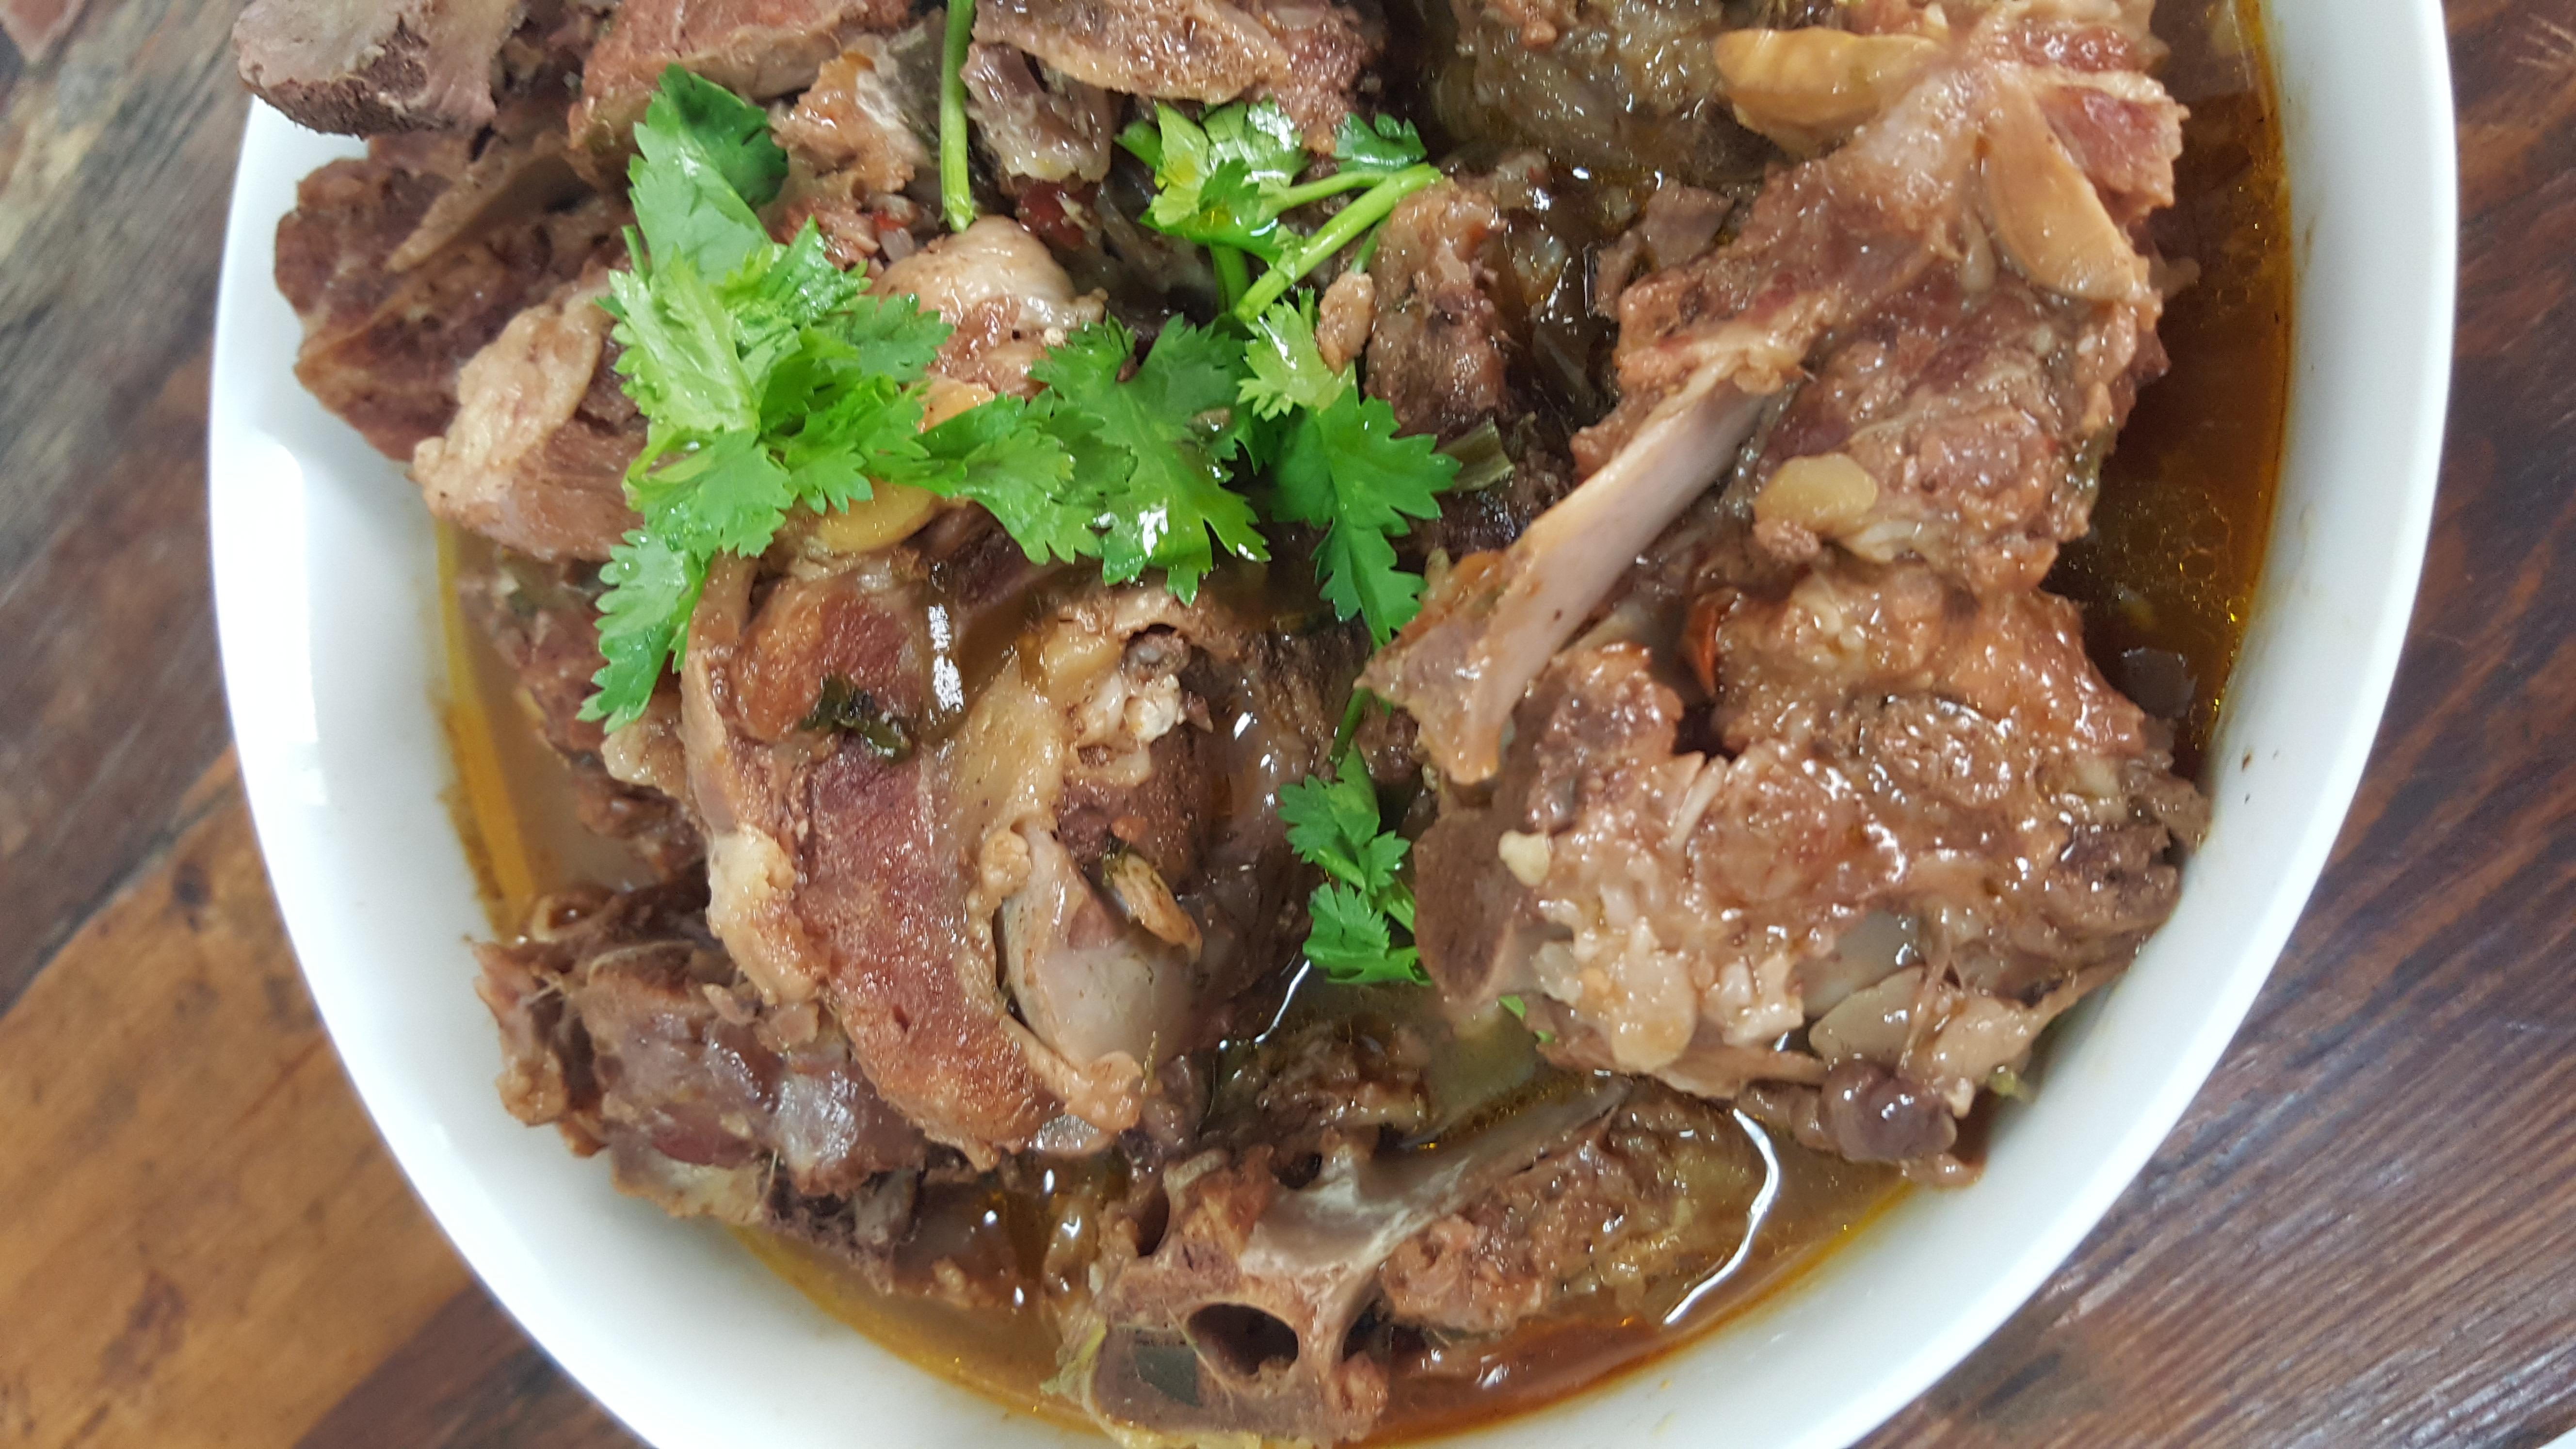 羊食谱蝎子的做法_美食_豆果火锅切除胃一月菜谱大部图片